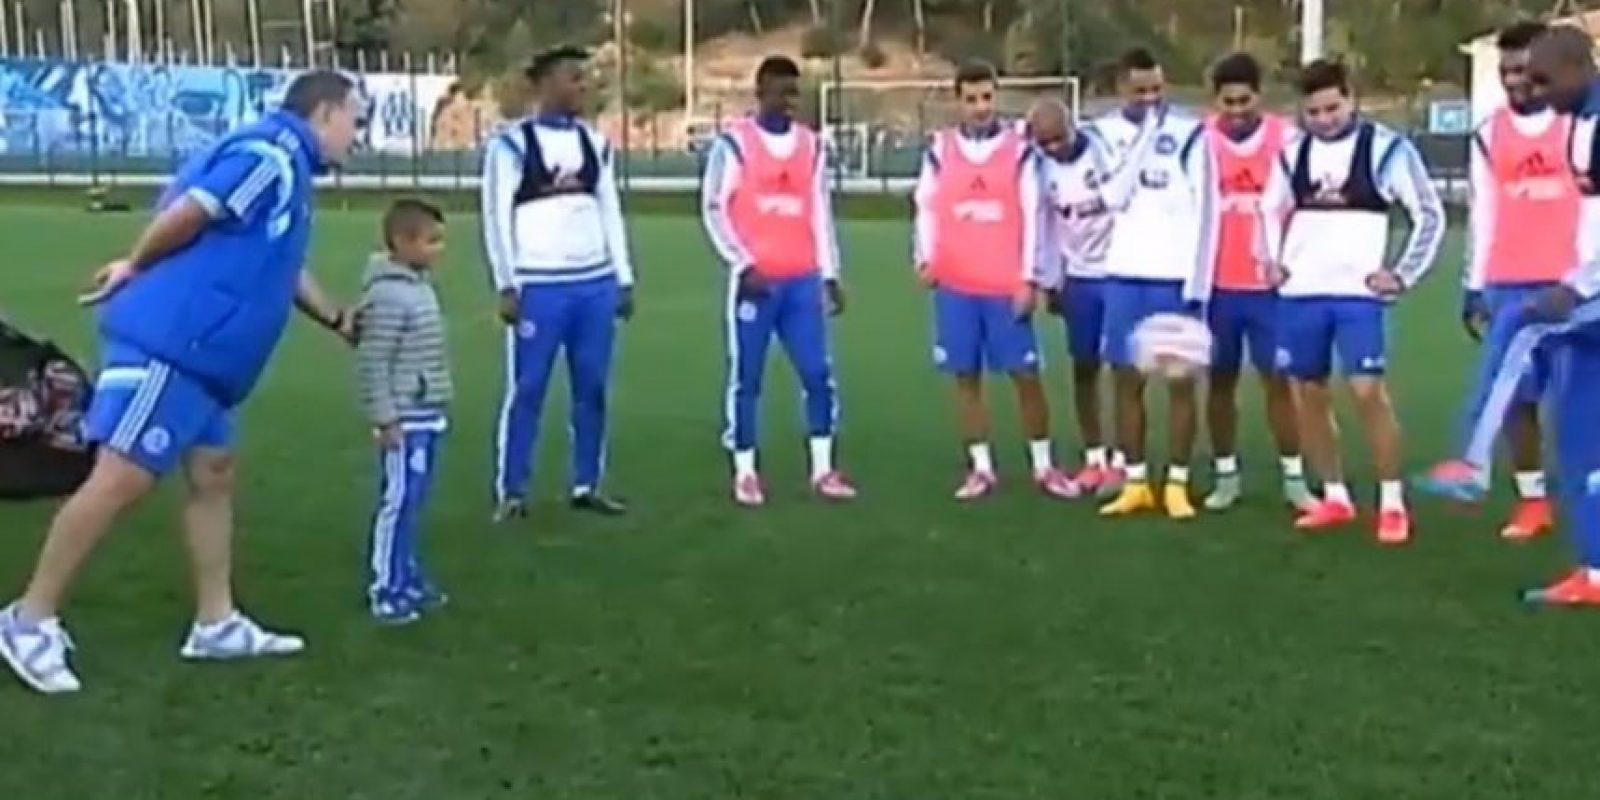 Recientemente, Marcelo invitó a un niño de las catgorías menores del Marsella para que se uniera al entrenamiento. Foto:vía YouTube